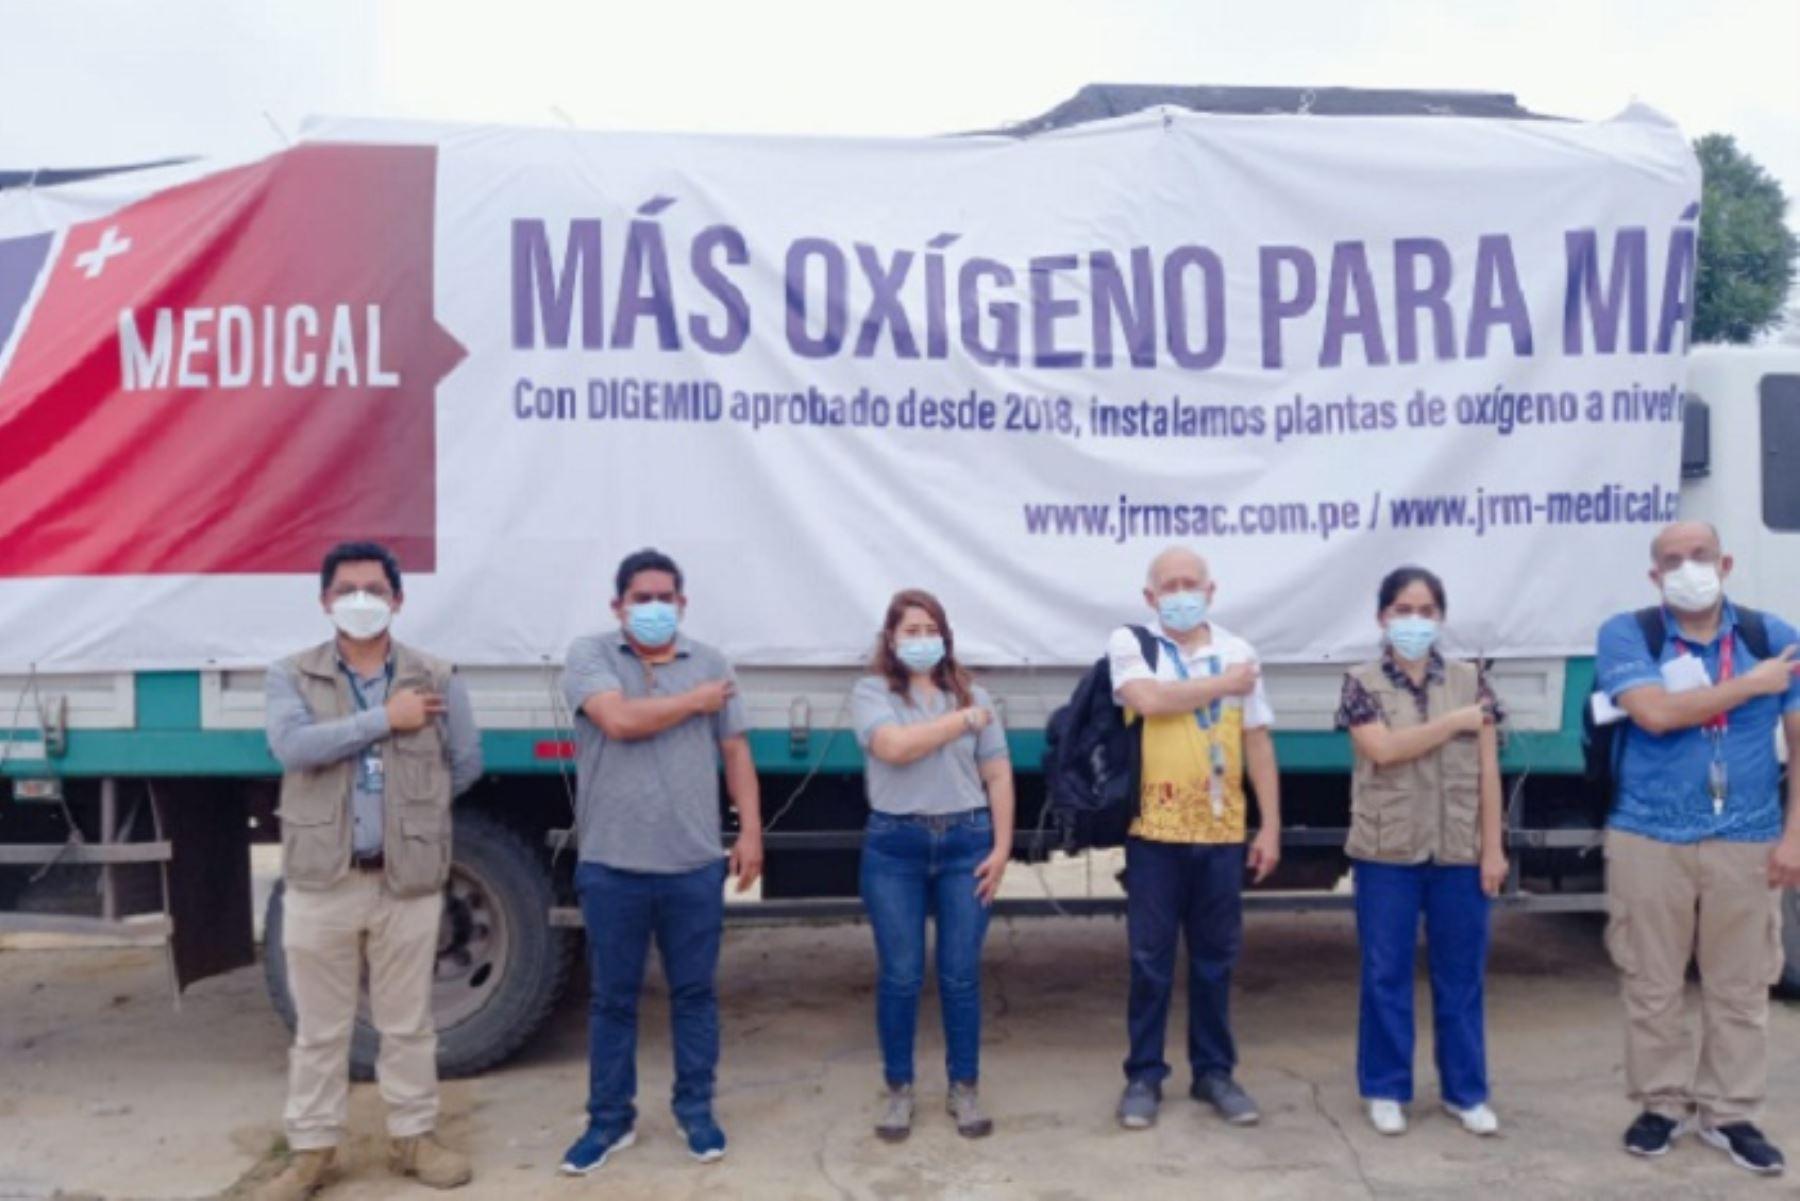 La planta de oxígeno es de origen francés y tiene una pureza de 96 %, lo cual la convierte en una poderosa herramienta para afrontar cualquier crisis sanitaria.